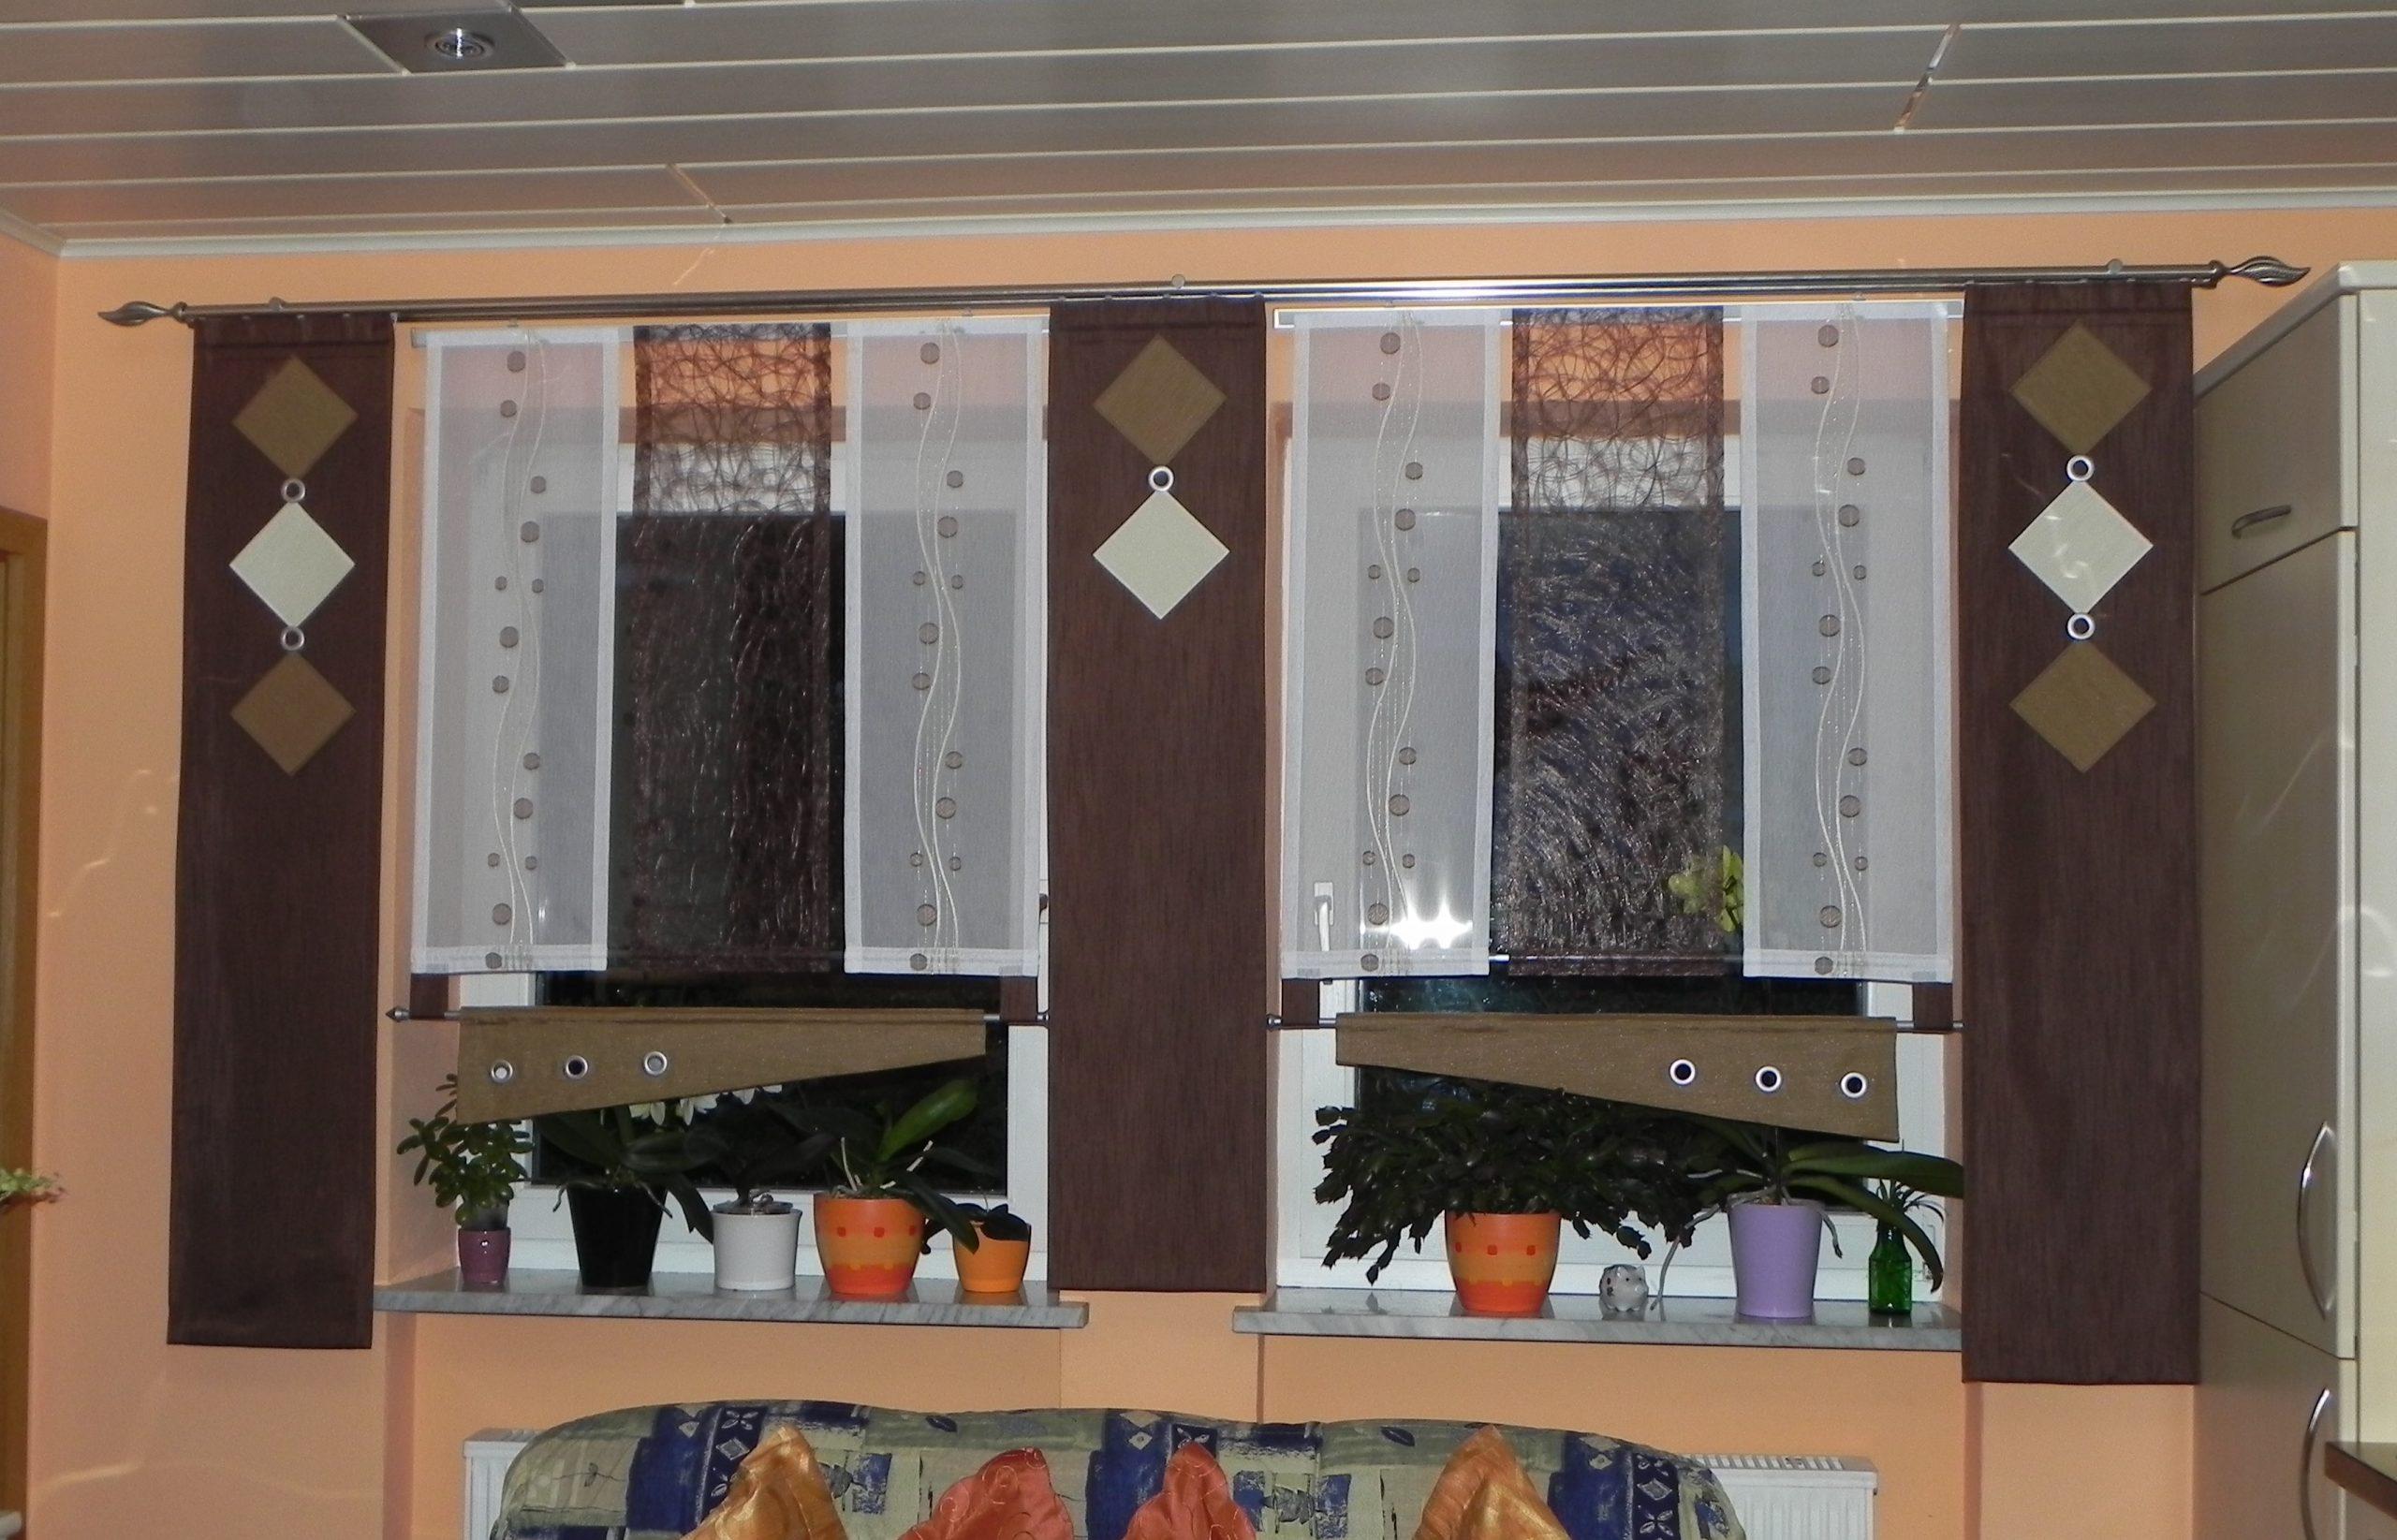 Full Size of Led Beleuchtung Wohnzimmer Deckenstrahler Hängeschrank Weiß Hochglanz Deko Scheibengardinen Küche Deckenleuchte Deckenlampen Für Sideboard Lampen Wohnzimmer Gardinen Dekorationsvorschläge Wohnzimmer